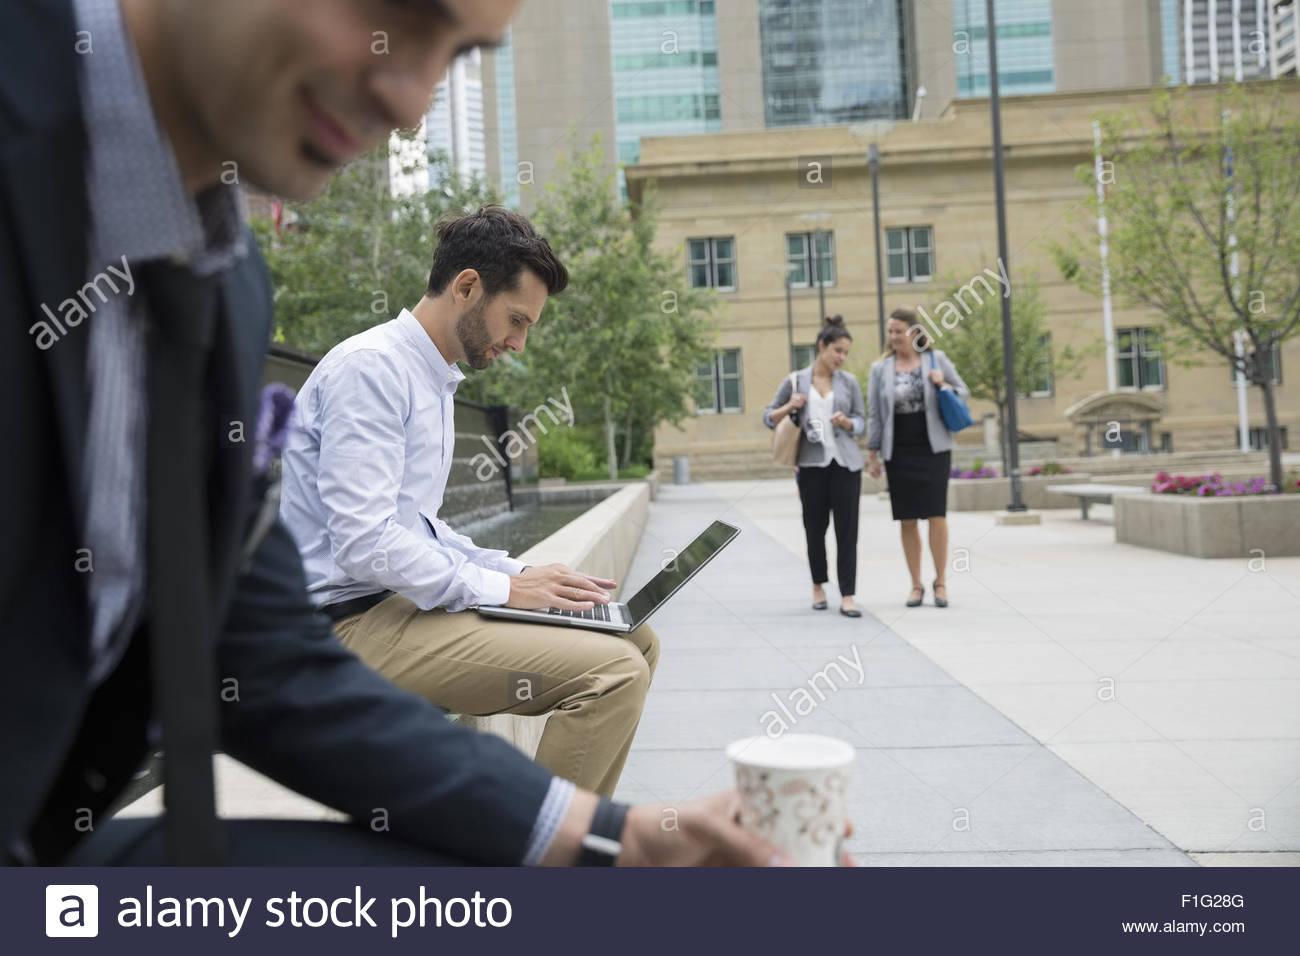 La gente de negocios en el parque urbano Imagen De Stock